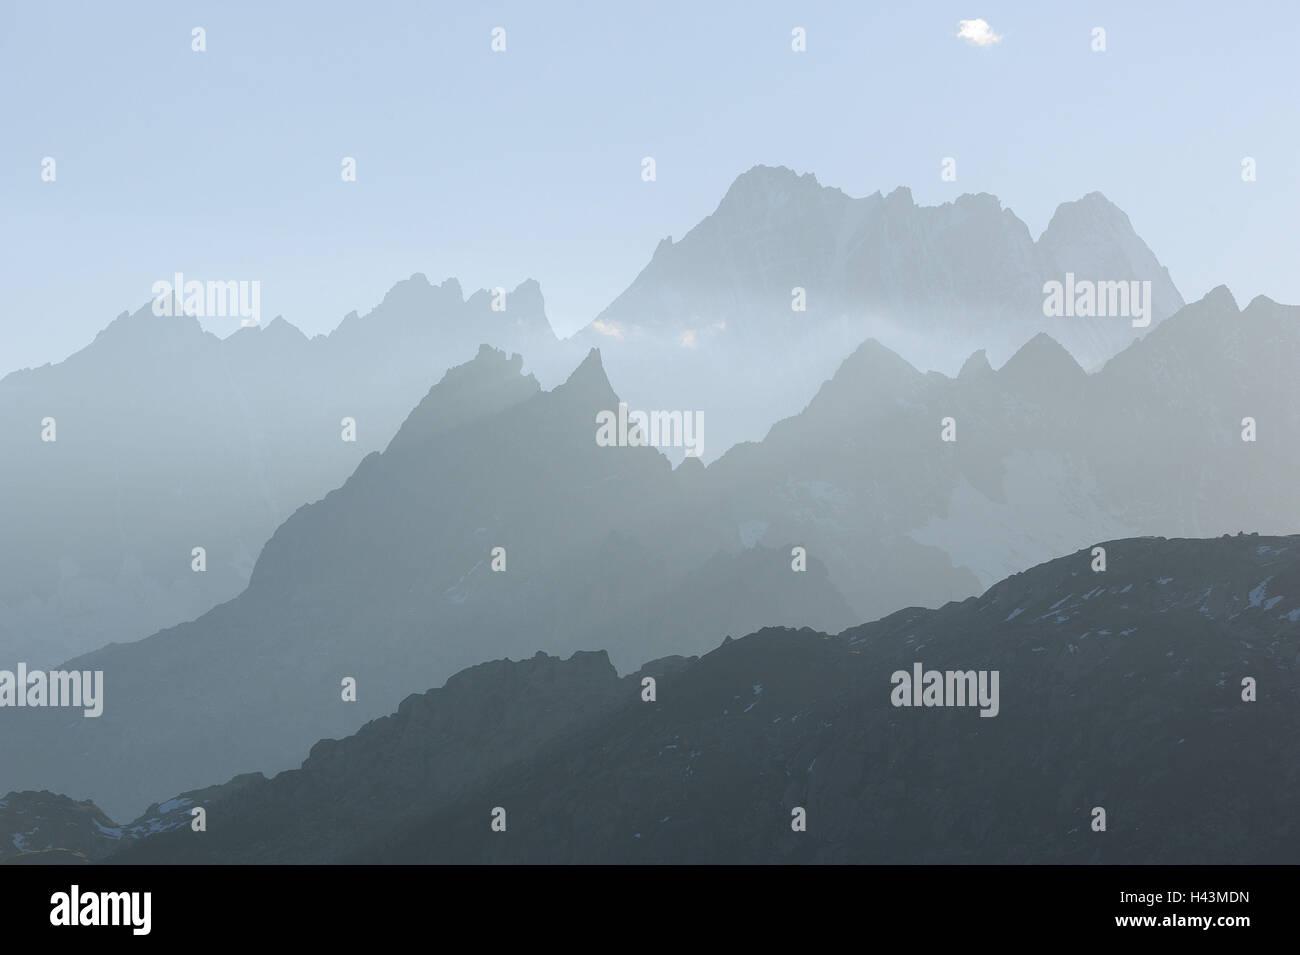 Suisse, Valais, Grimselpass, chaîne de montagne, lignes d'horizon, la brume, l'été, Photo Stock